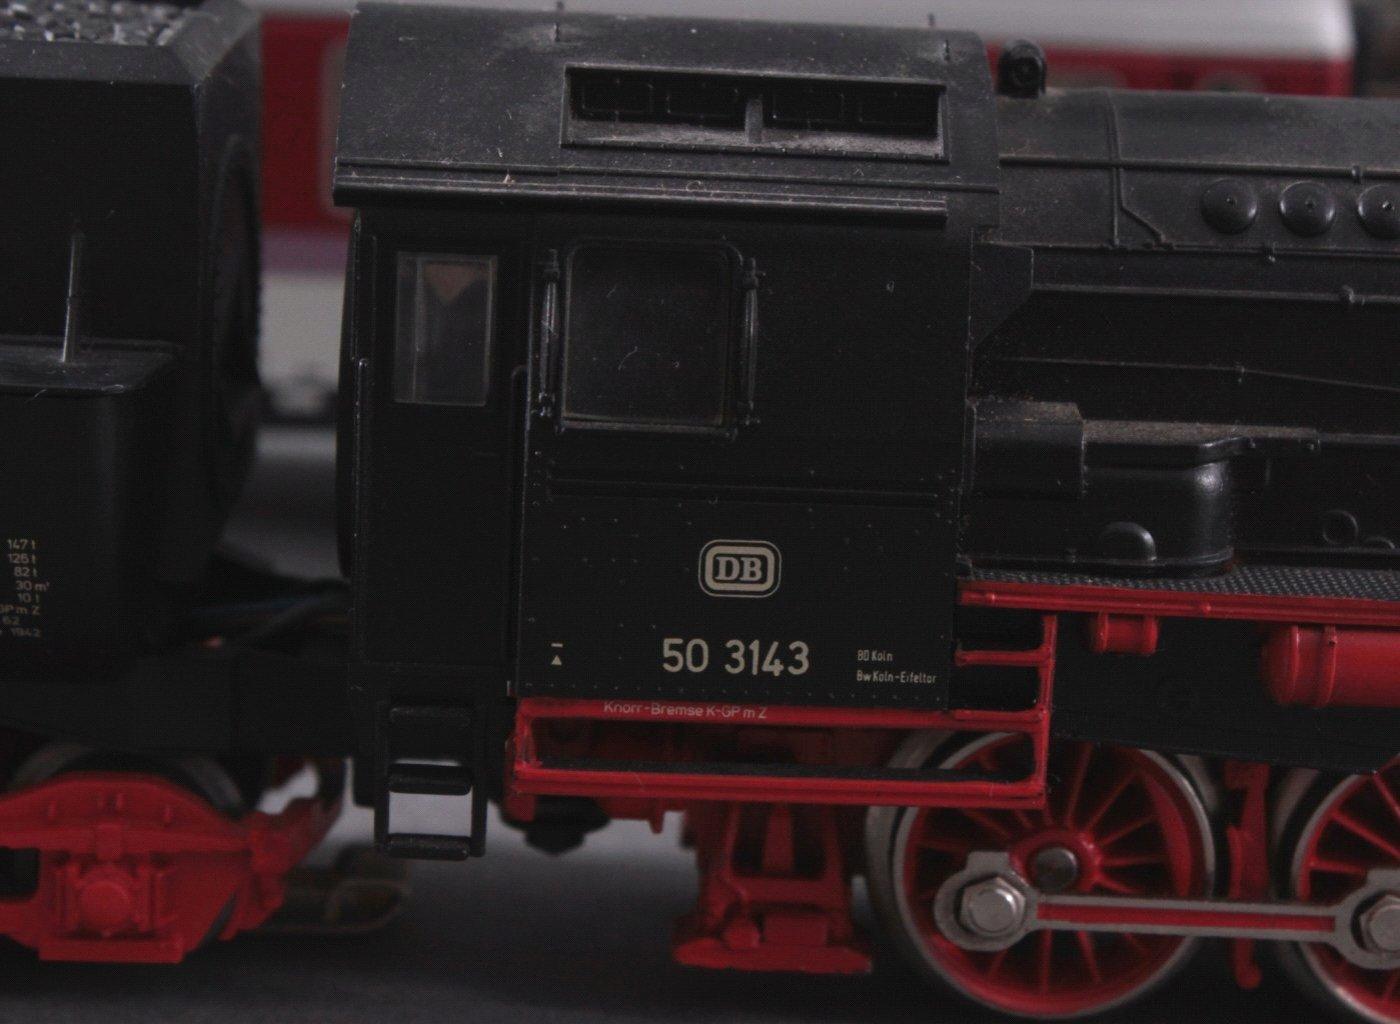 Märklin H0 3315 Dampf-Lok Baureihe 50 3143 DB in schwarz mit-2